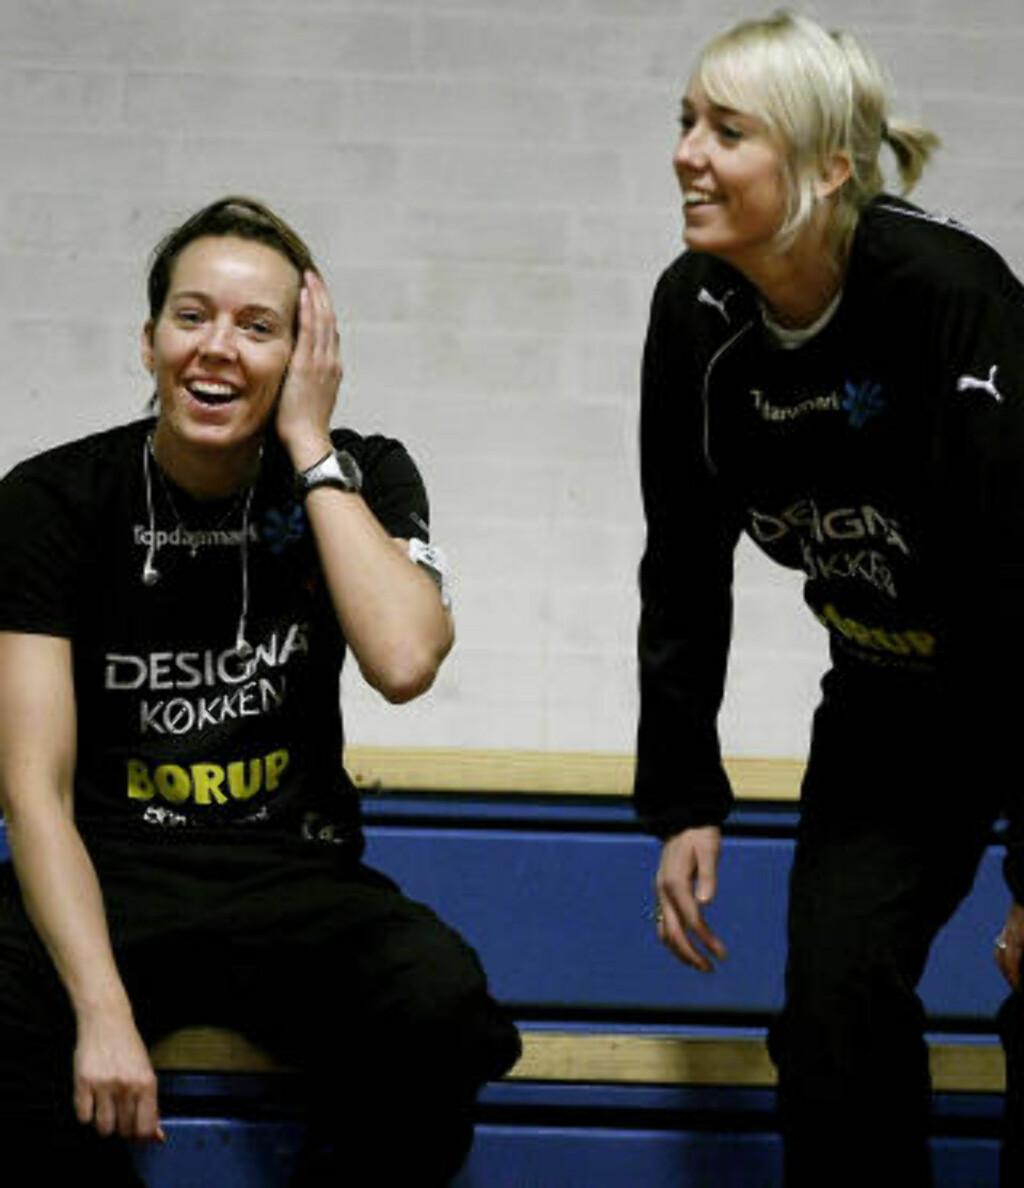 SAMMEN I VM-HÅPET: Tvillingsøster Katrine Lunde Haraldsen håper søsteren blir frisk til VM. Foto: BJØRN LANGSEM